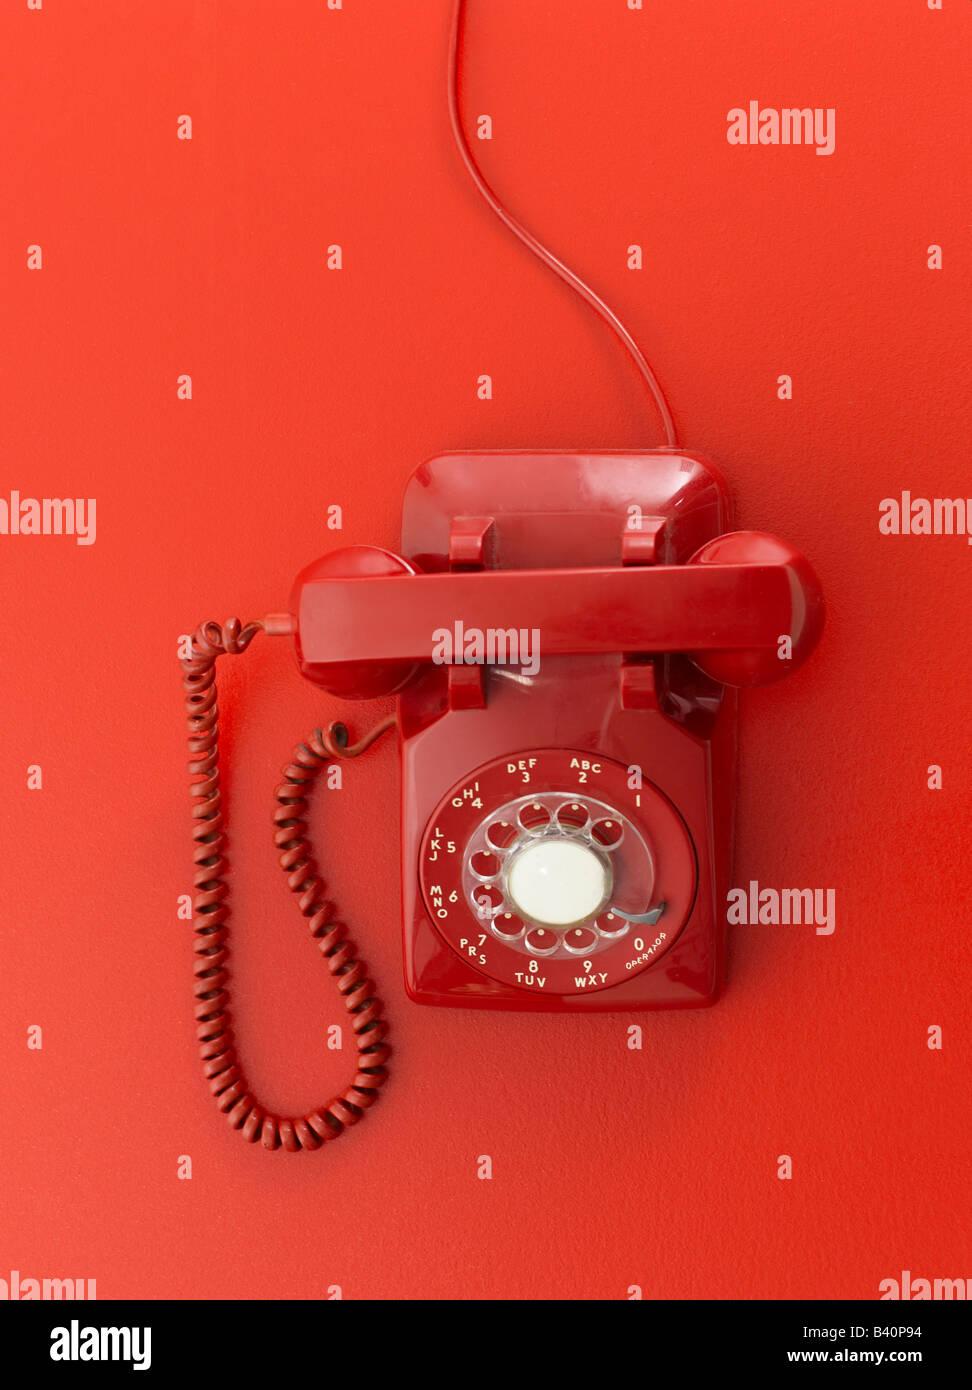 Teléfono Rojo Retro sobre fondo rojo. Imagen De Stock